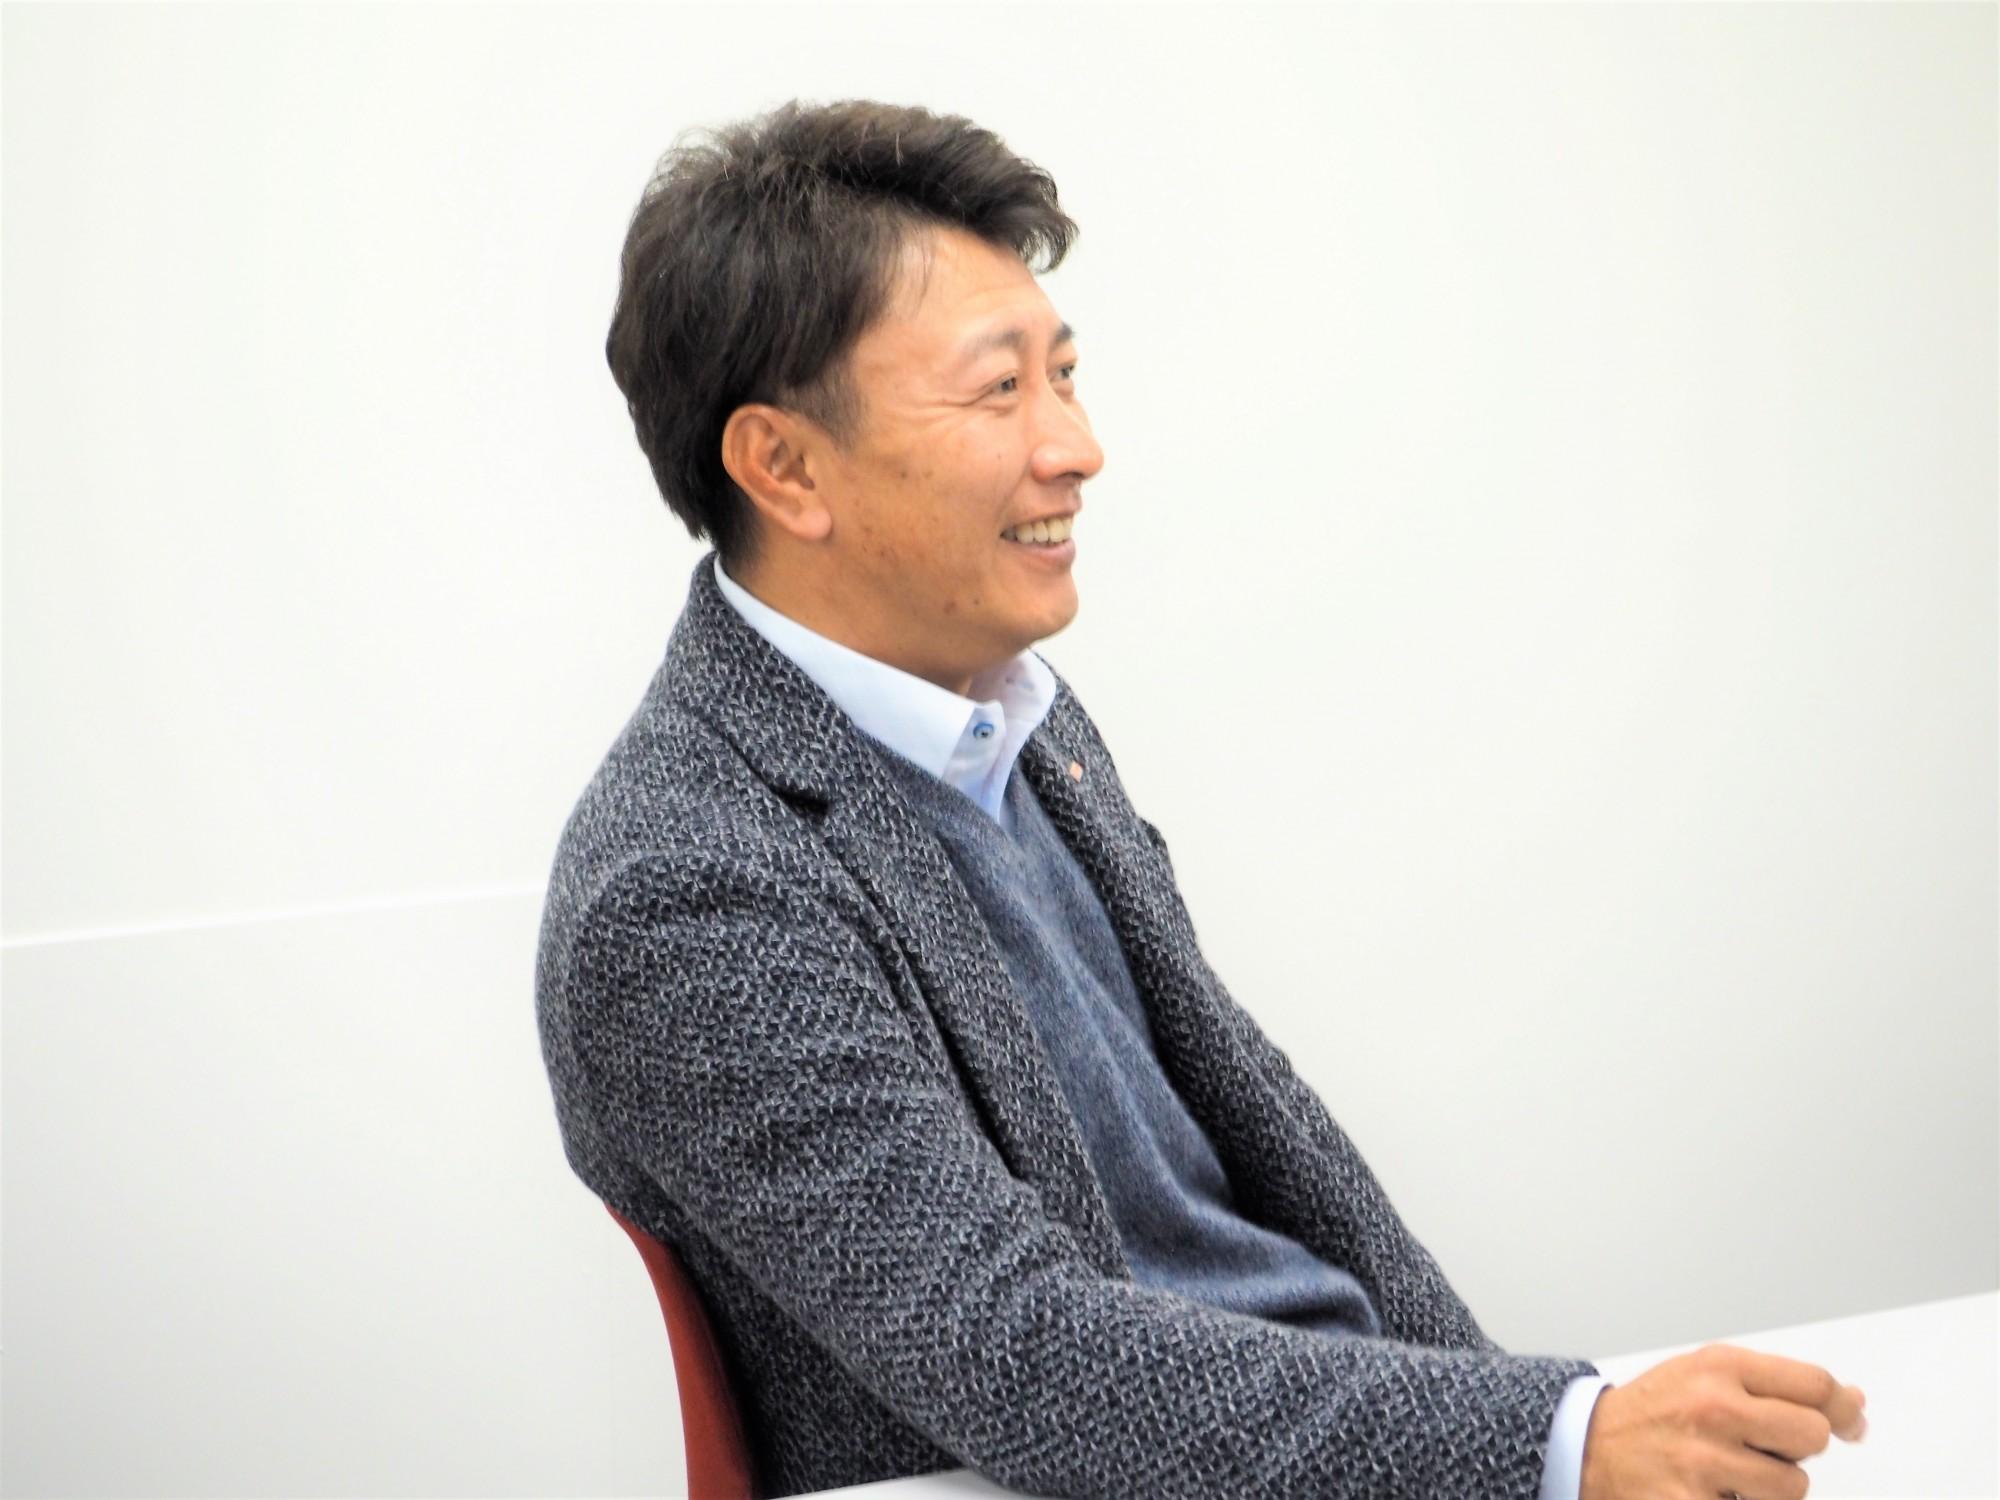 株式会社ニカヤコーポレーションの代表者写真